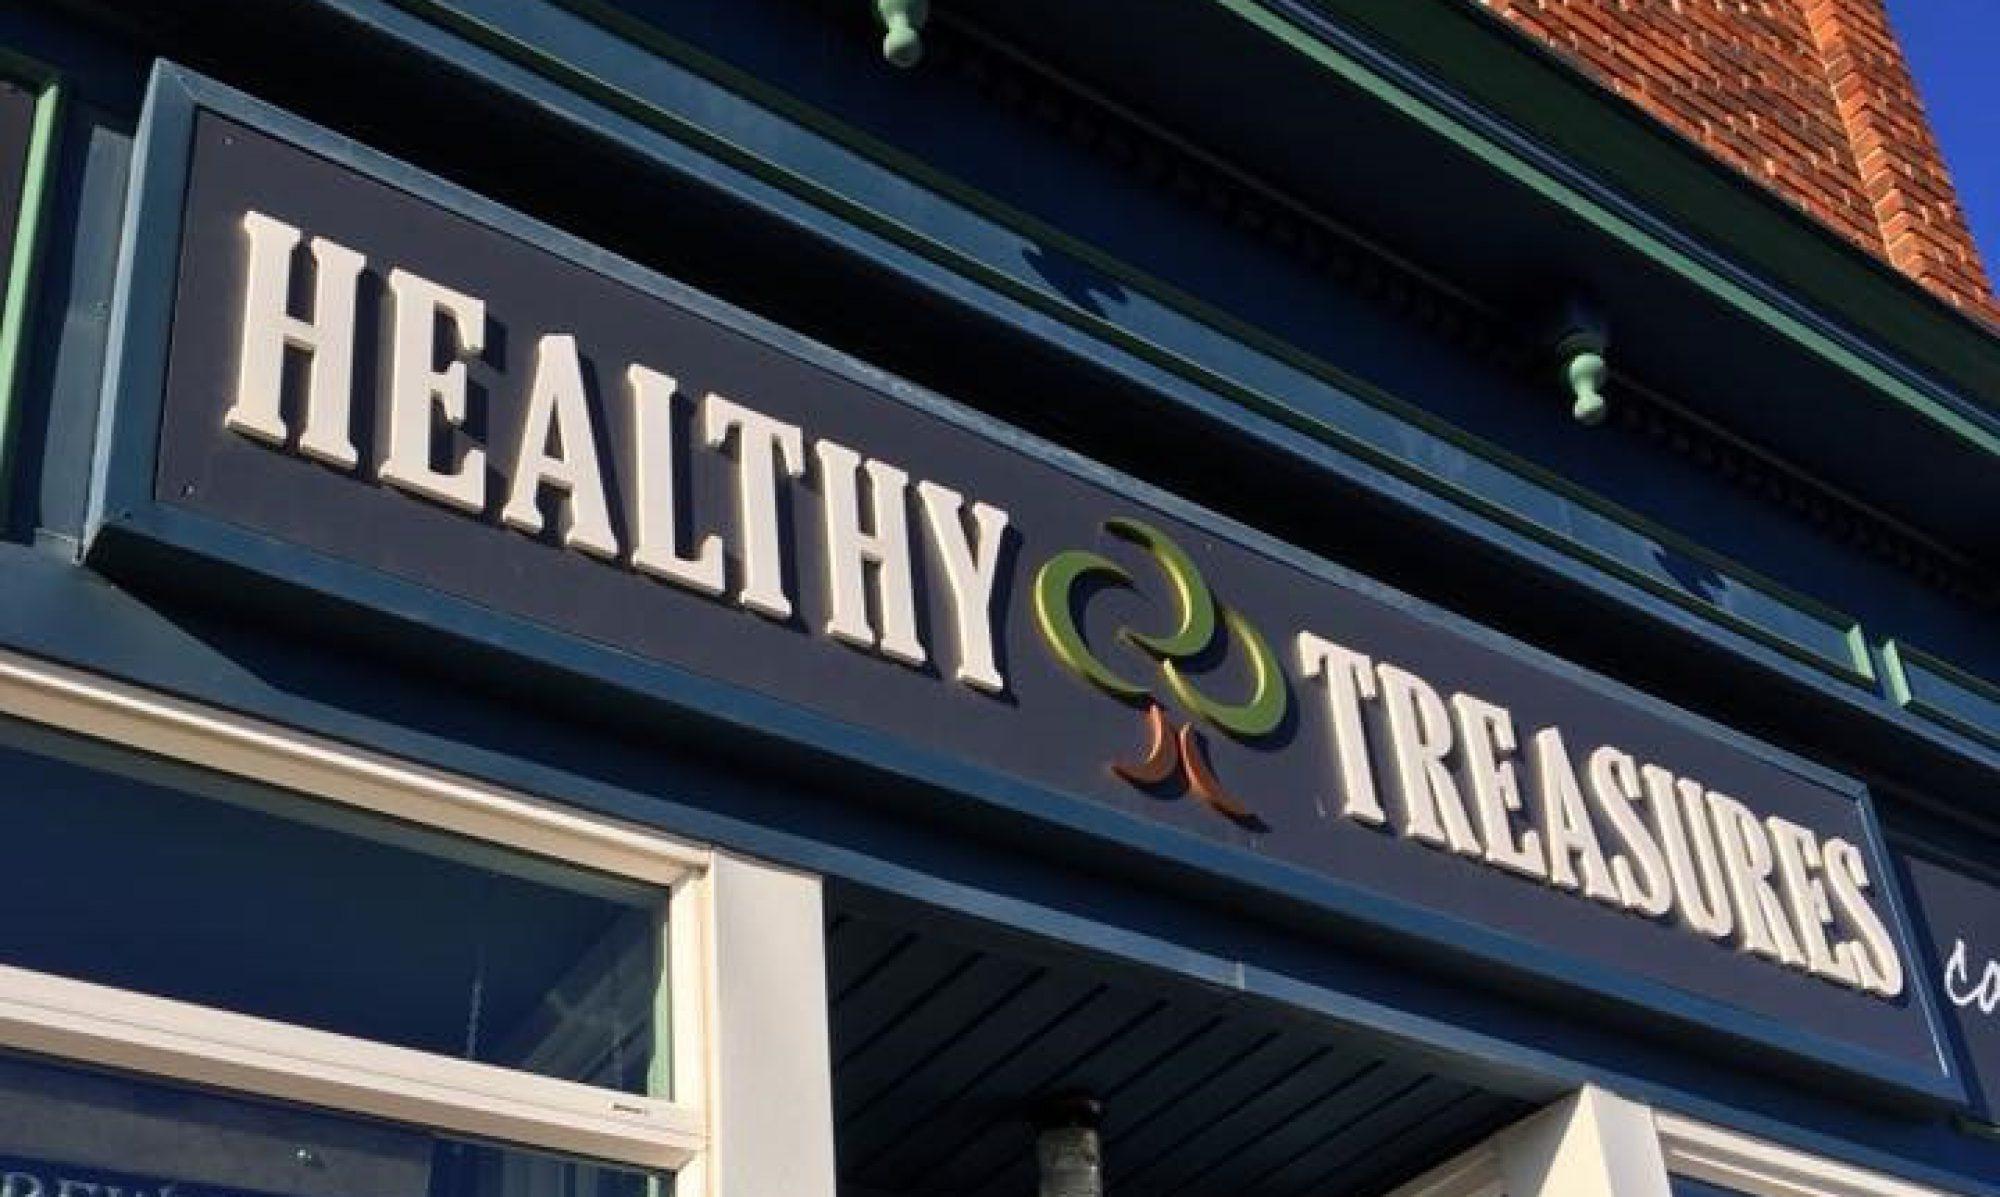 Healthy Treasures